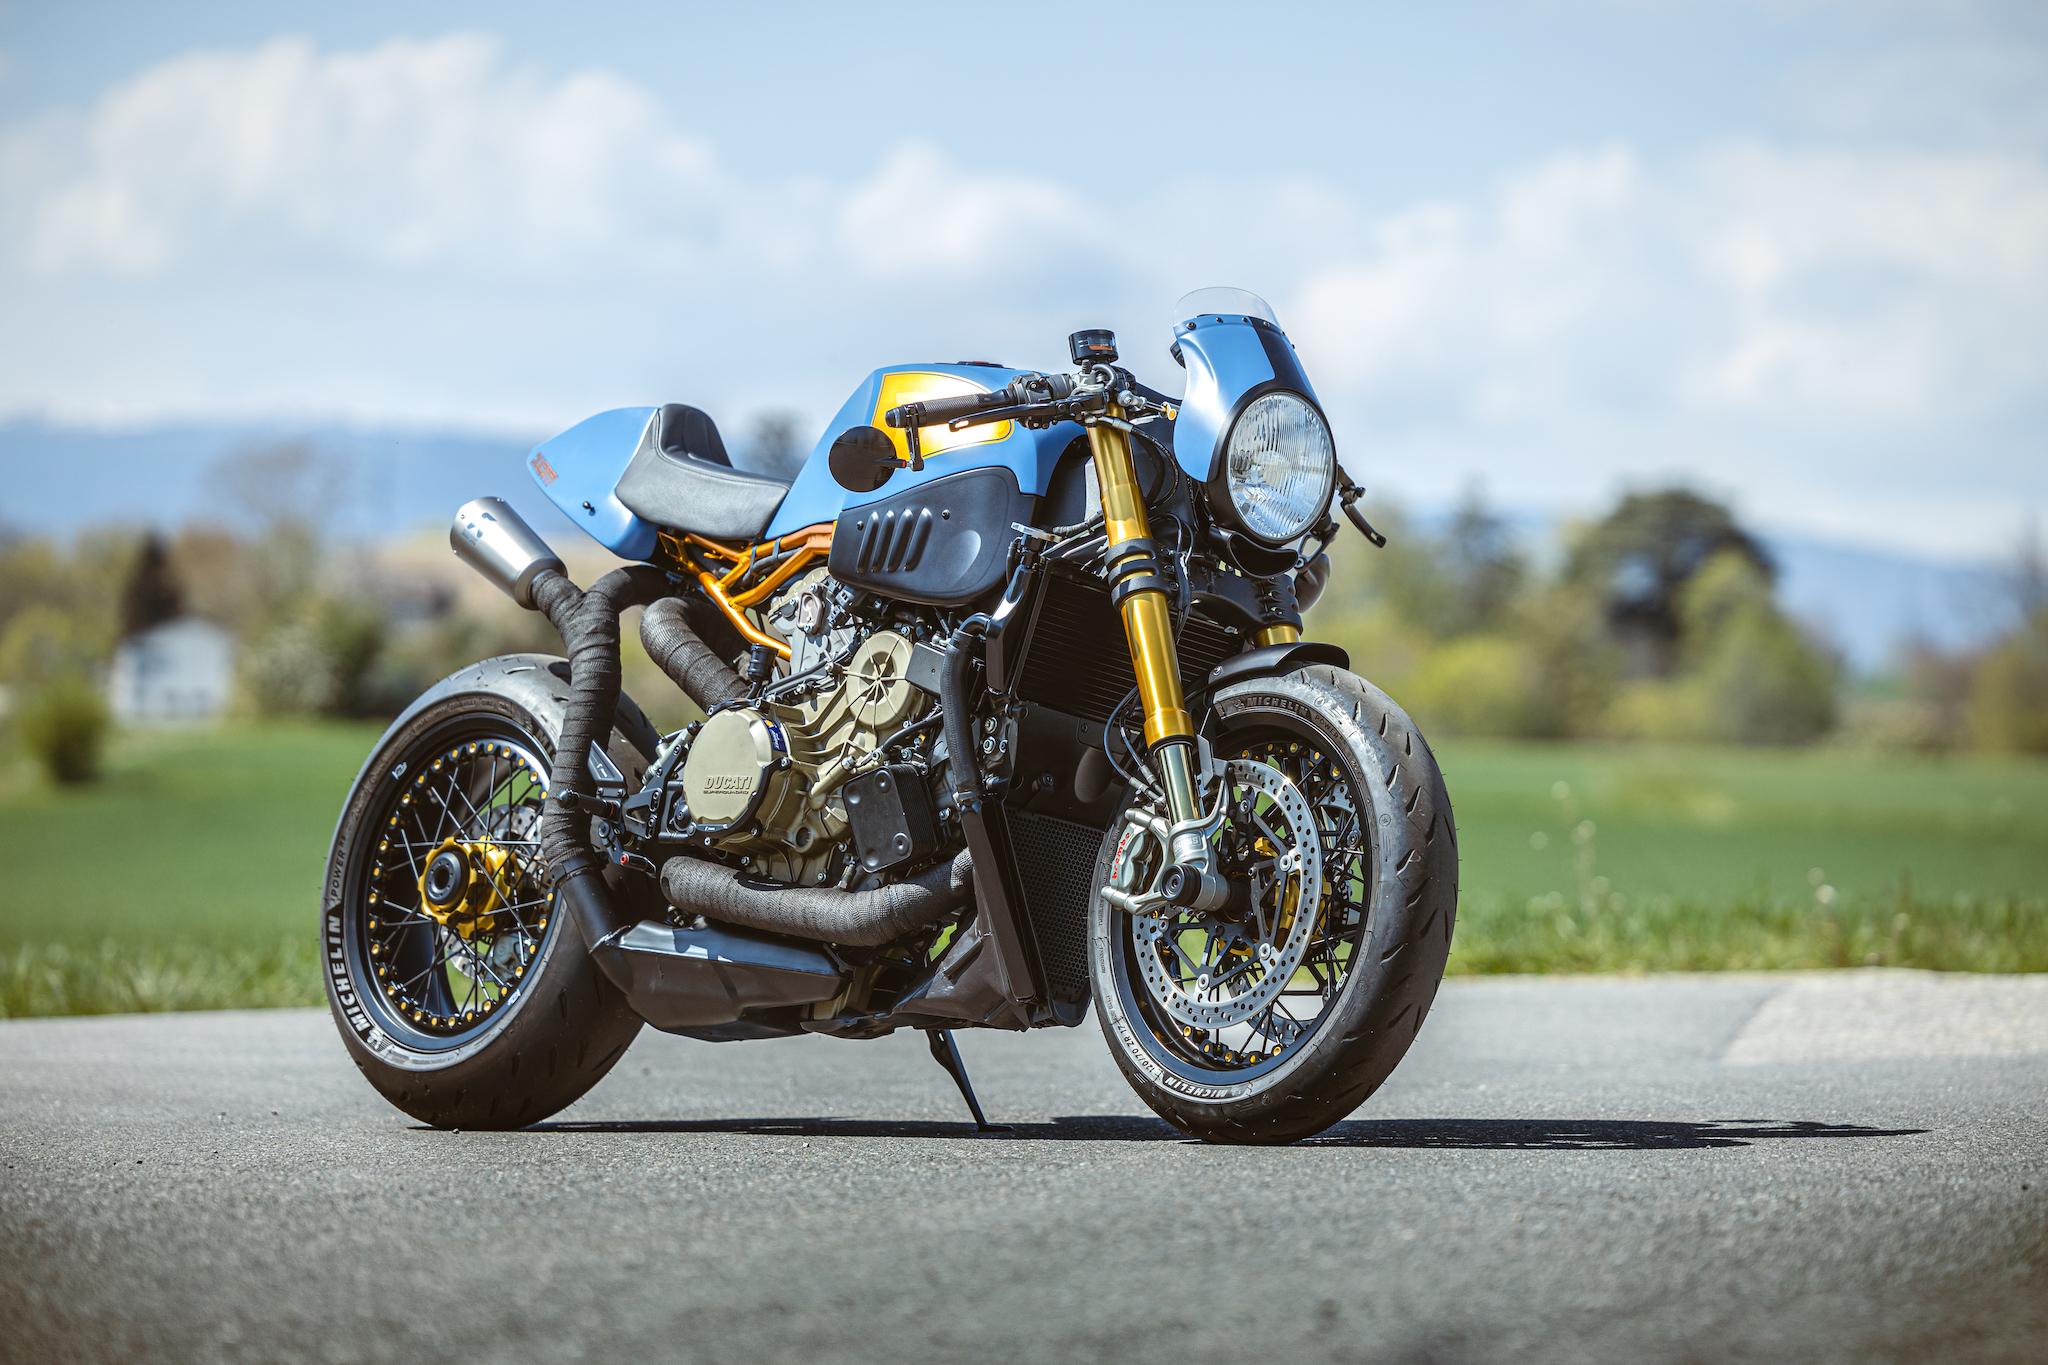 Ducati_Panigale_naked_dream-motos_Madpik-small1